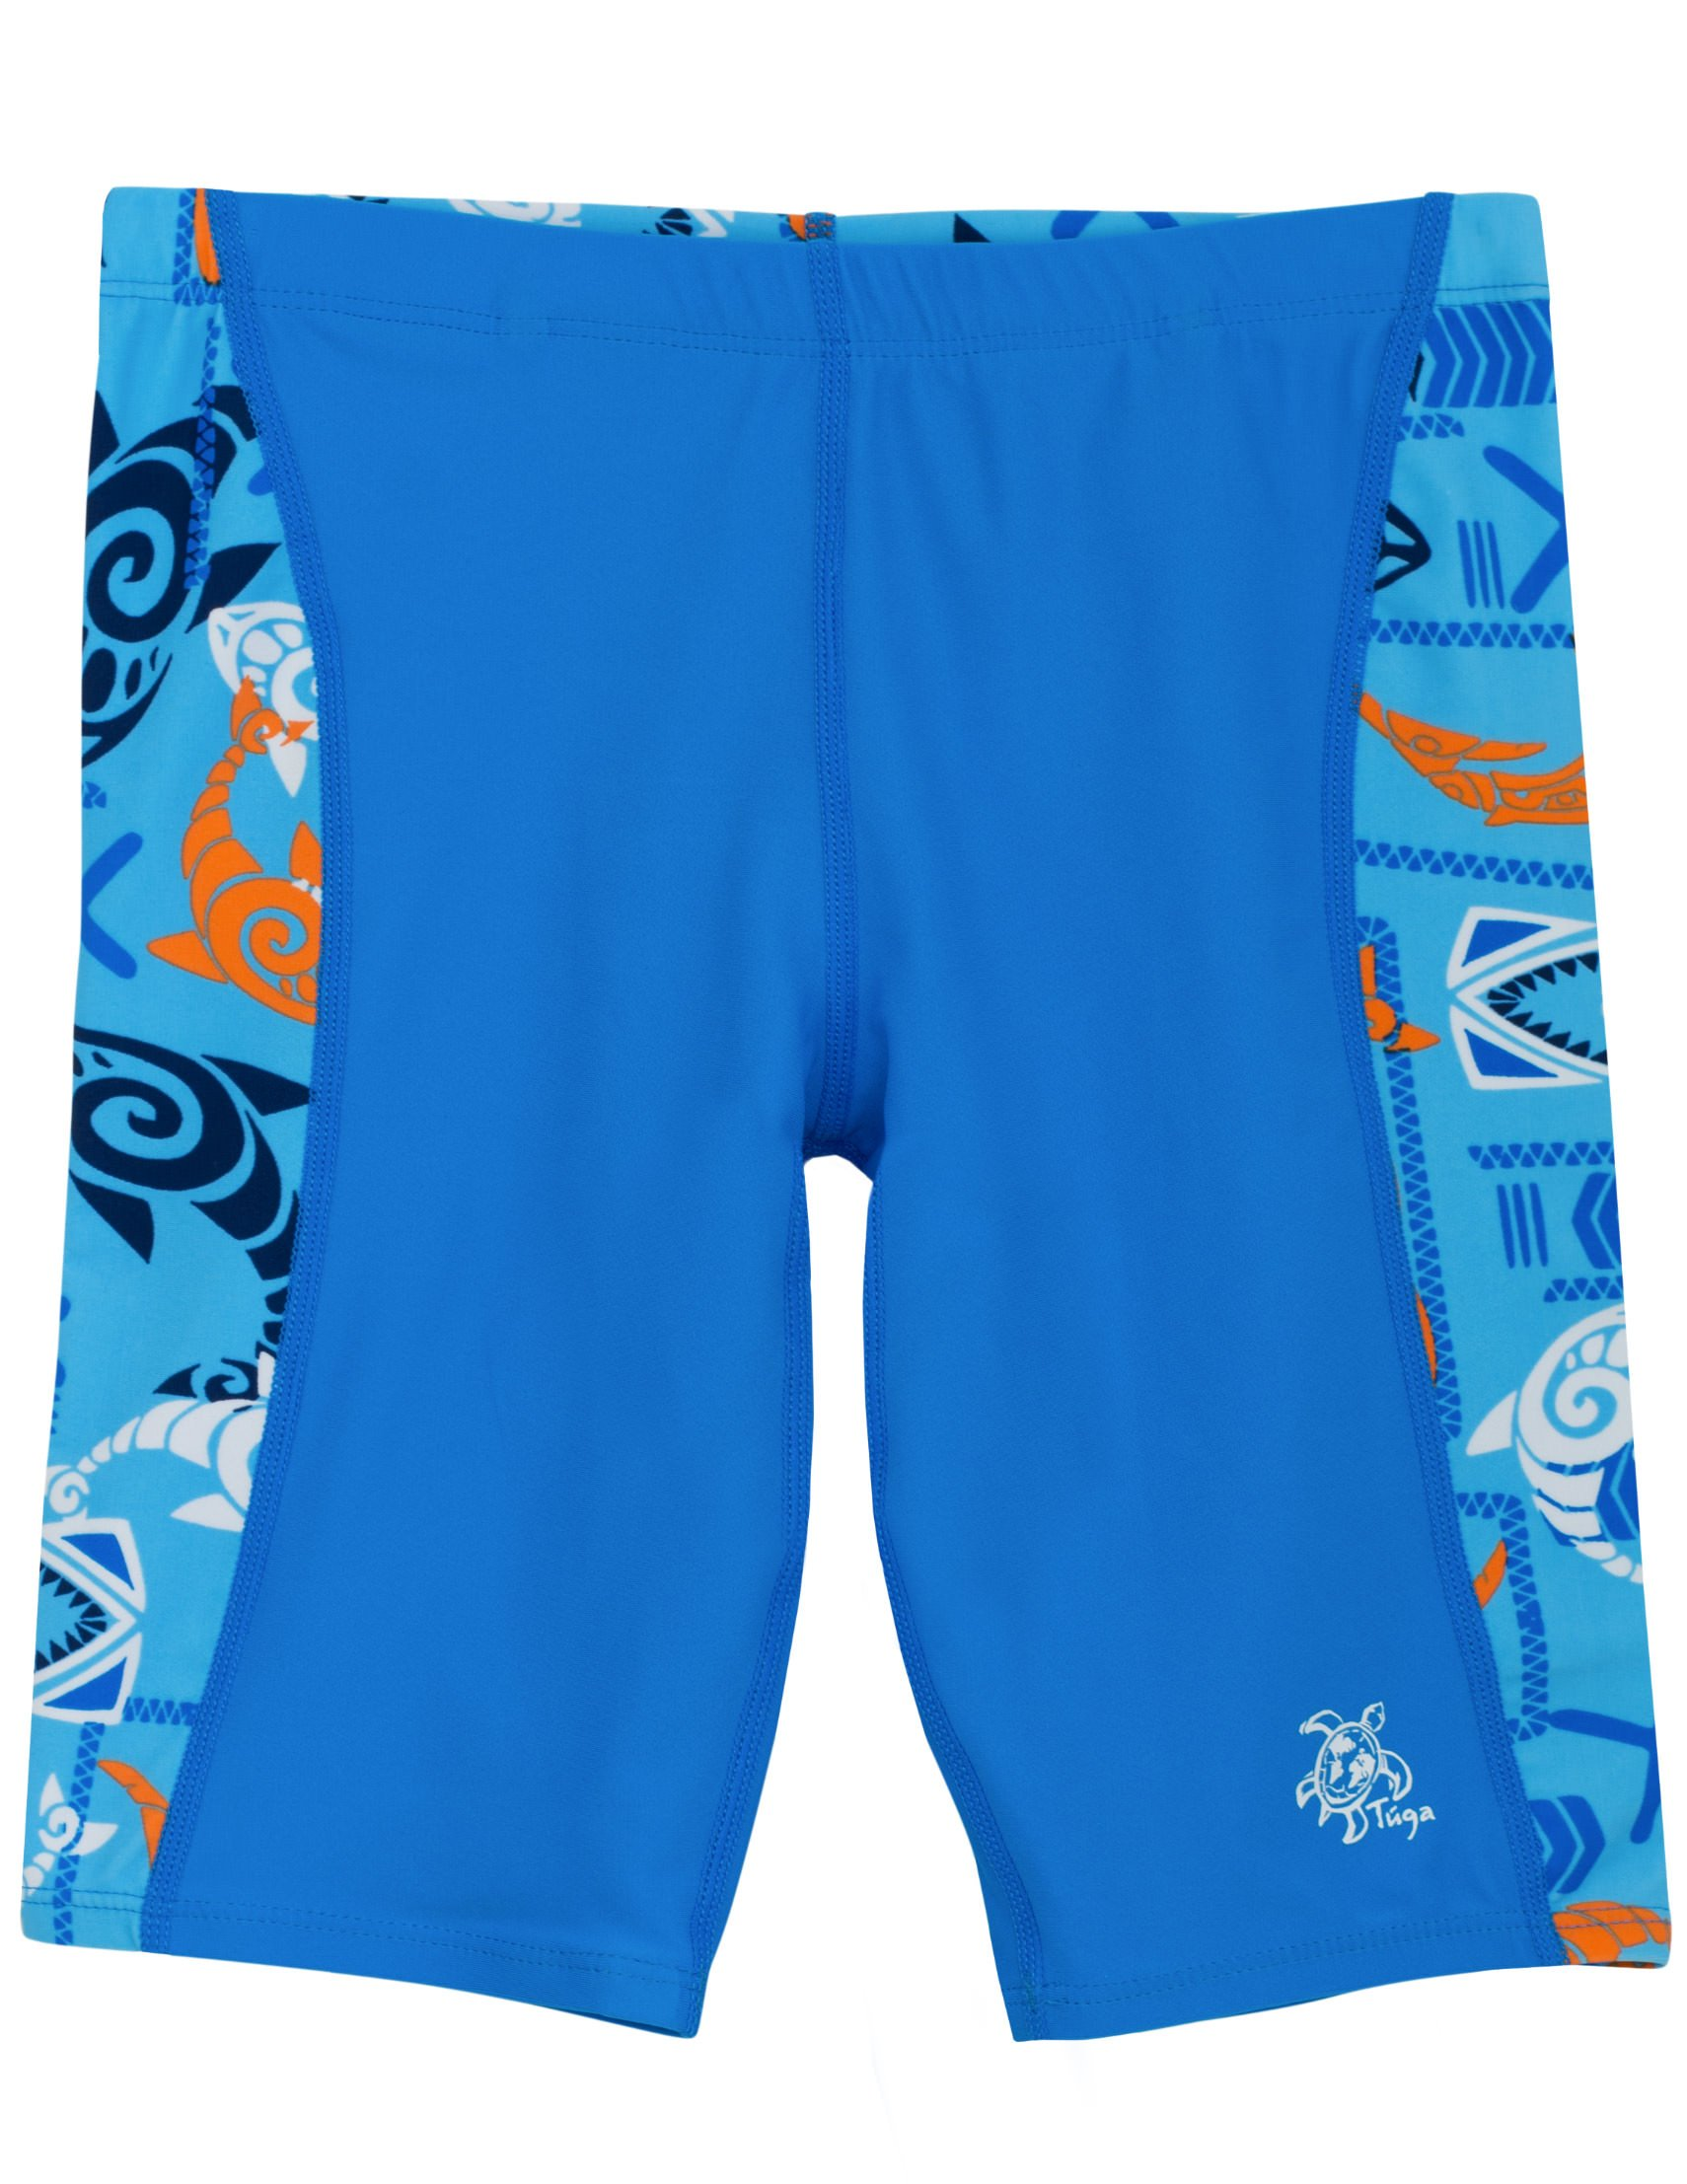 Tuga Boys Jammer Swim Short (UPF 50+), Night, 4/5 yrs (19.5'')